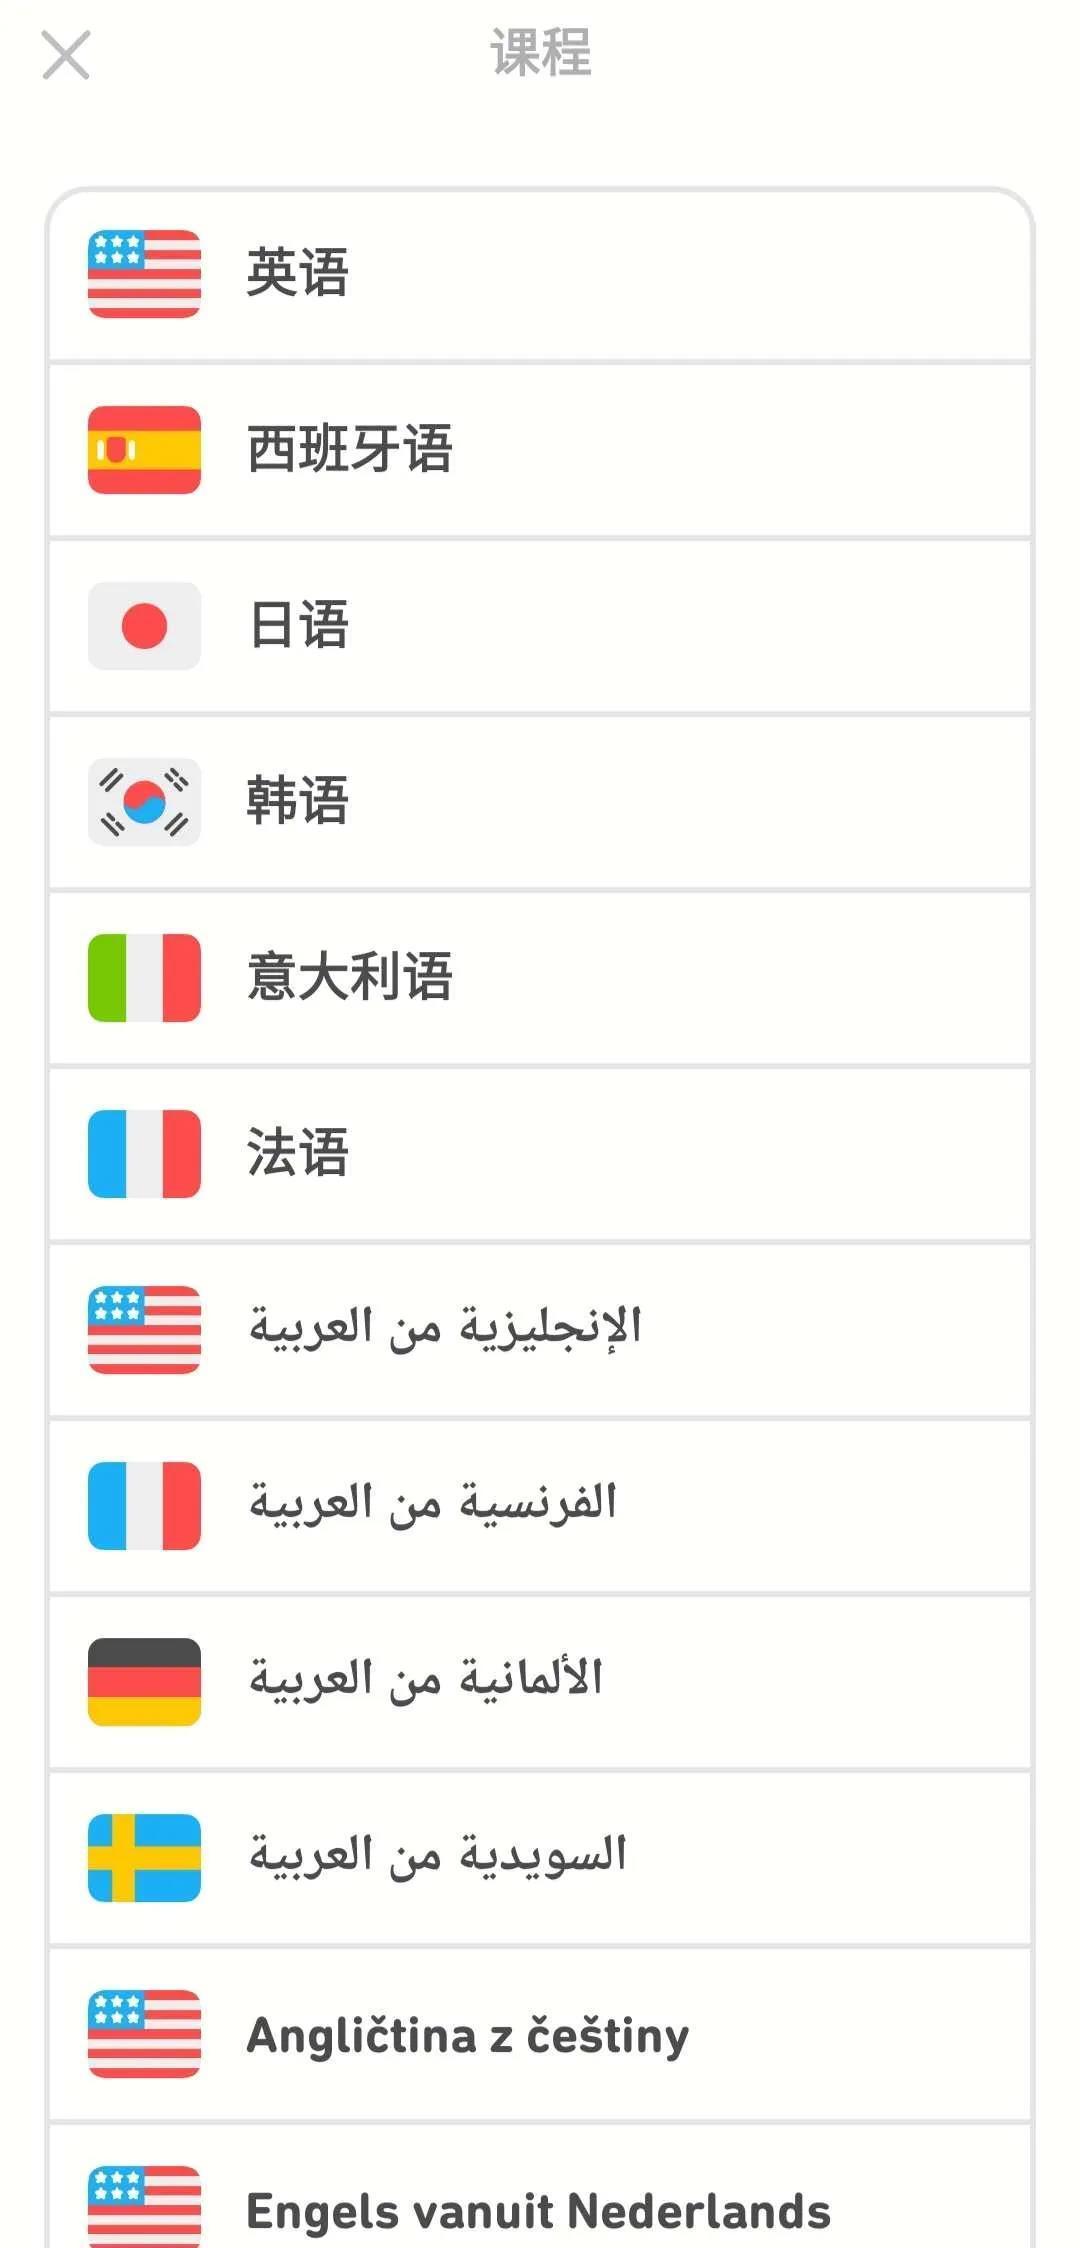 5fa5063d1cd1bbb86ba4af1b 多邻国语言学习